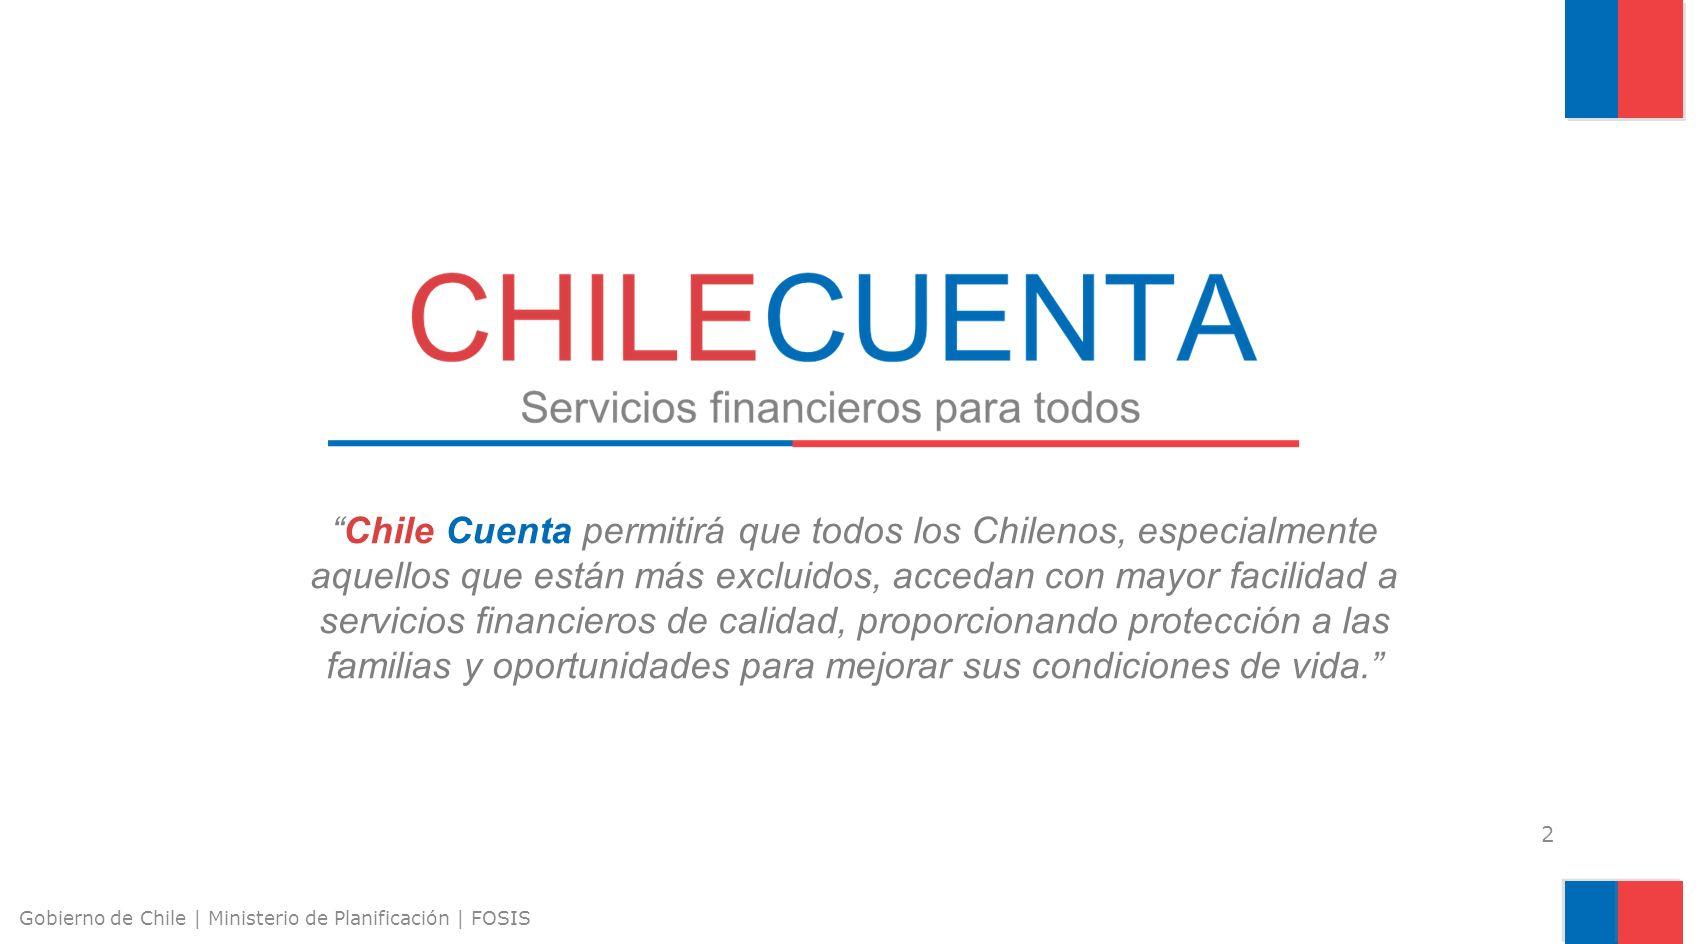 Chile Cuenta permitirá que todos los Chilenos, especialmente aquellos que están más excluidos, accedan con mayor facilidad a servicios financieros de calidad, proporcionando protección a las familias y oportunidades para mejorar sus condiciones de vida.